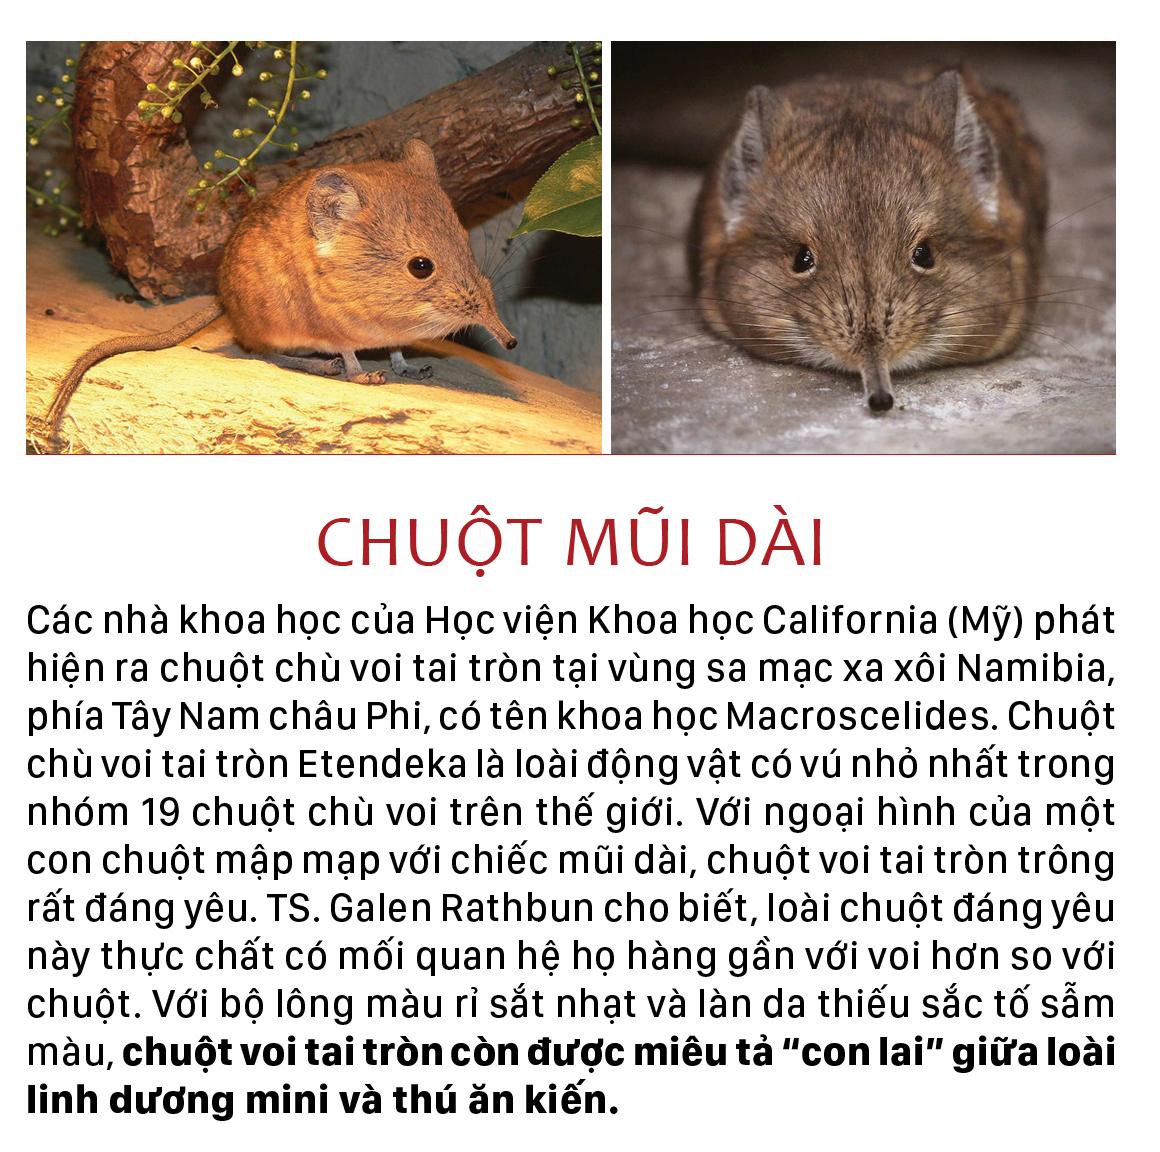 Năm Tý bàn chuyện lạ về chuột ảnh 6